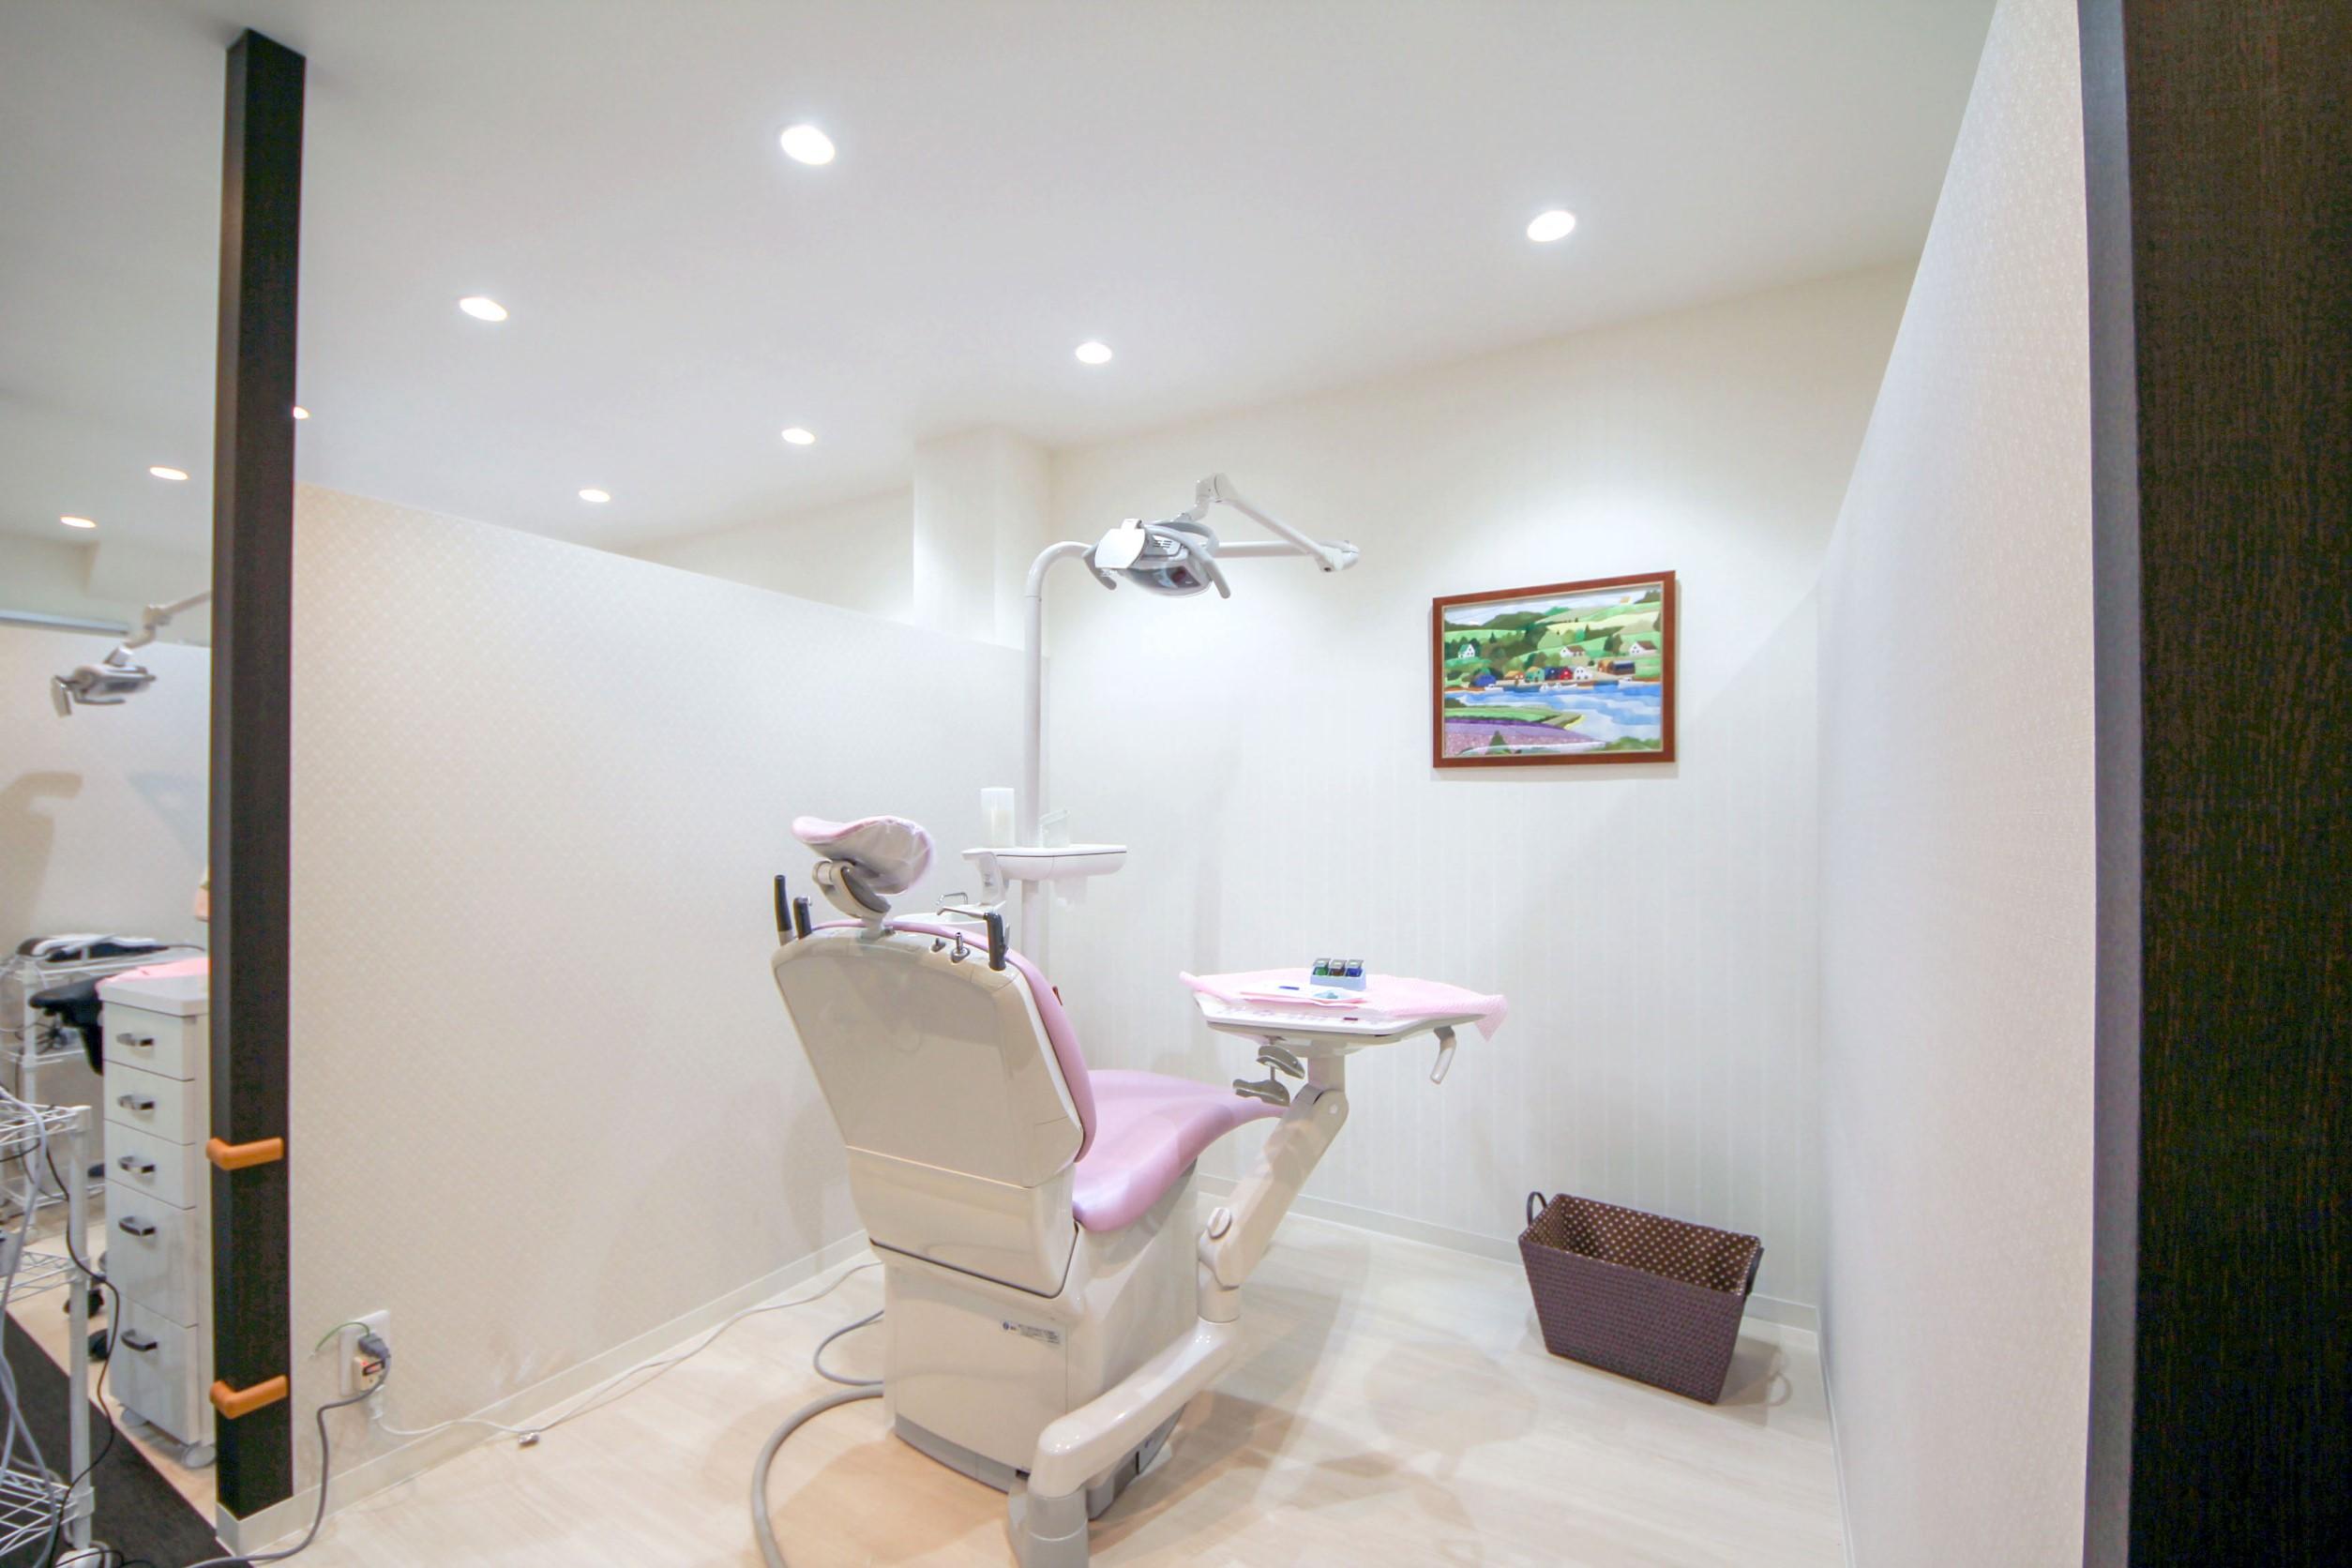 歯周病治療にも力を入れているのだとか?